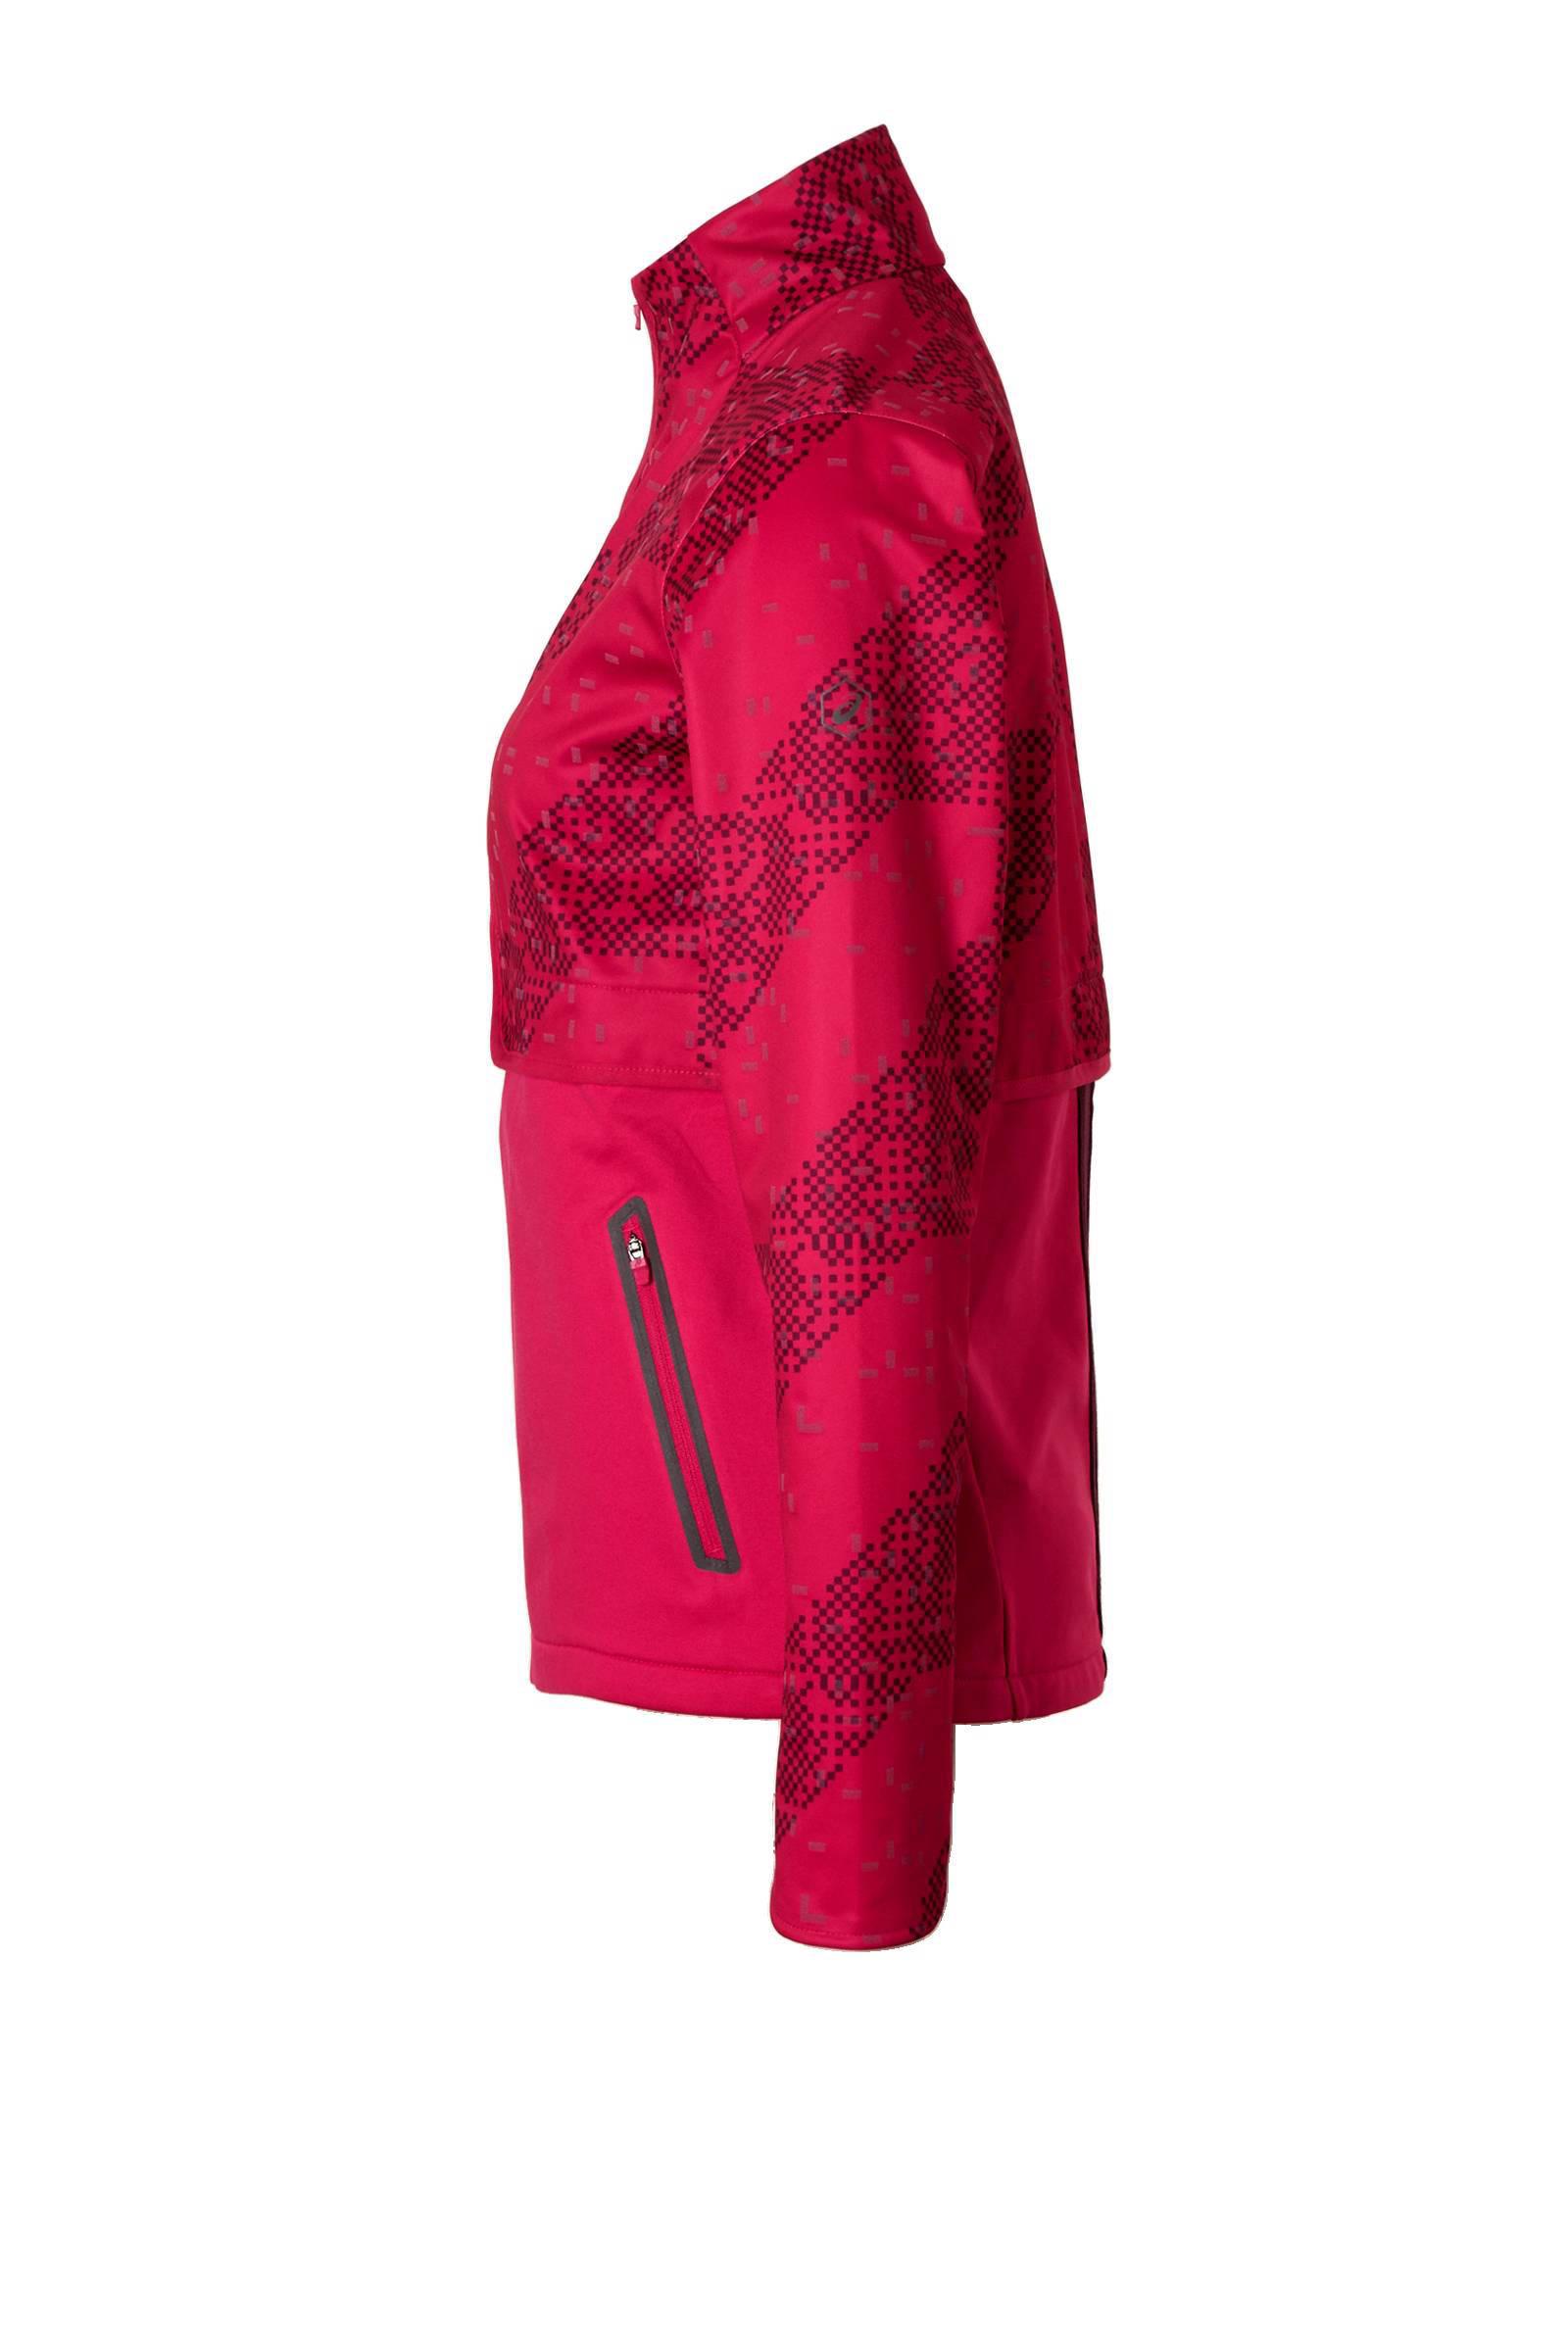 asics hardloopjack roze